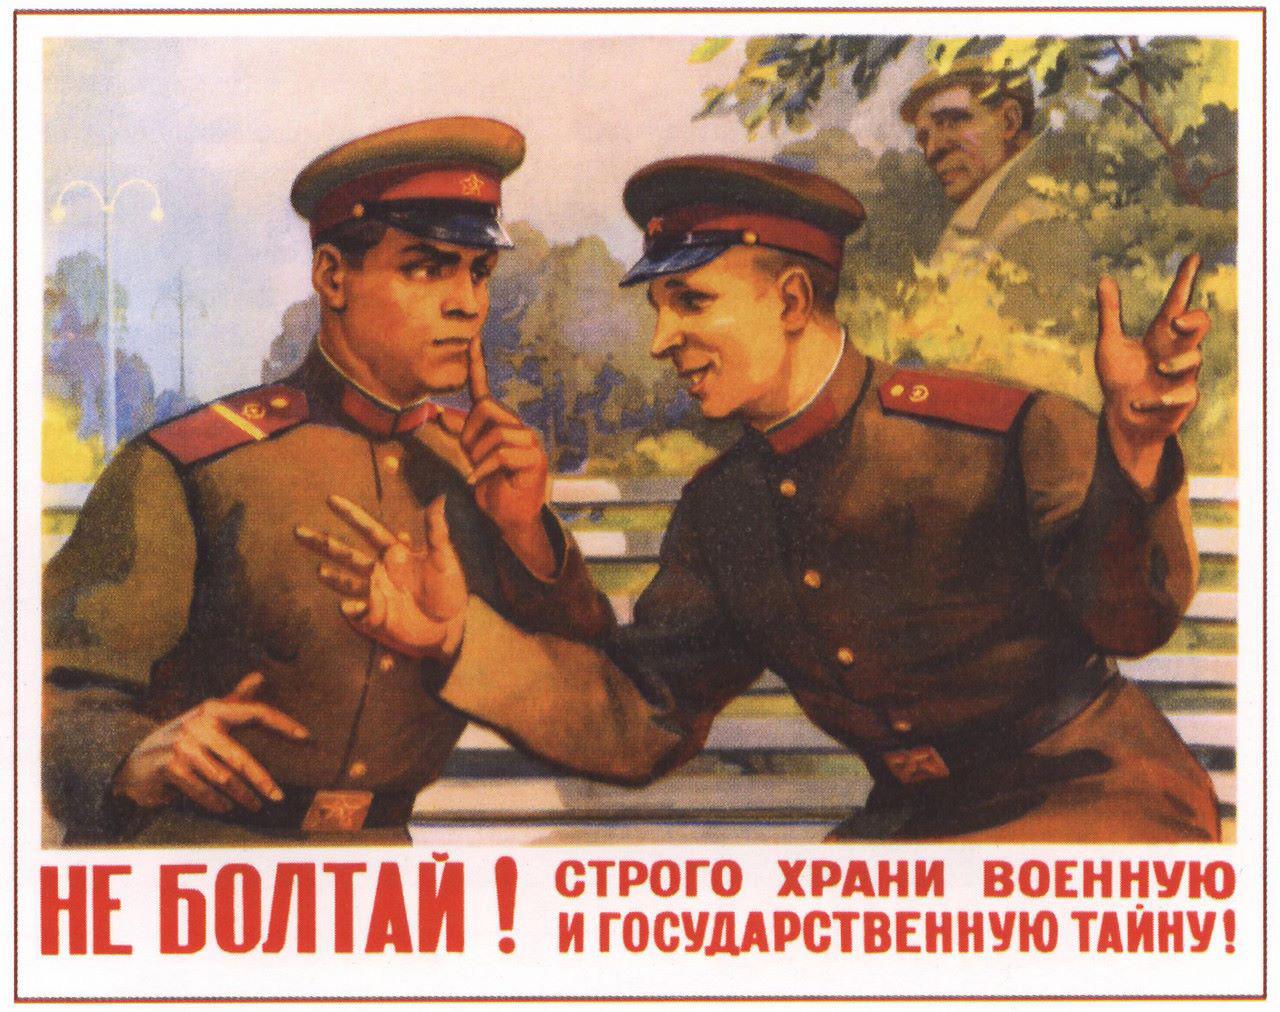 7. ¡No te vayas de la lengua! Guarda cuidadosamente los secretos militares y los de Estado.